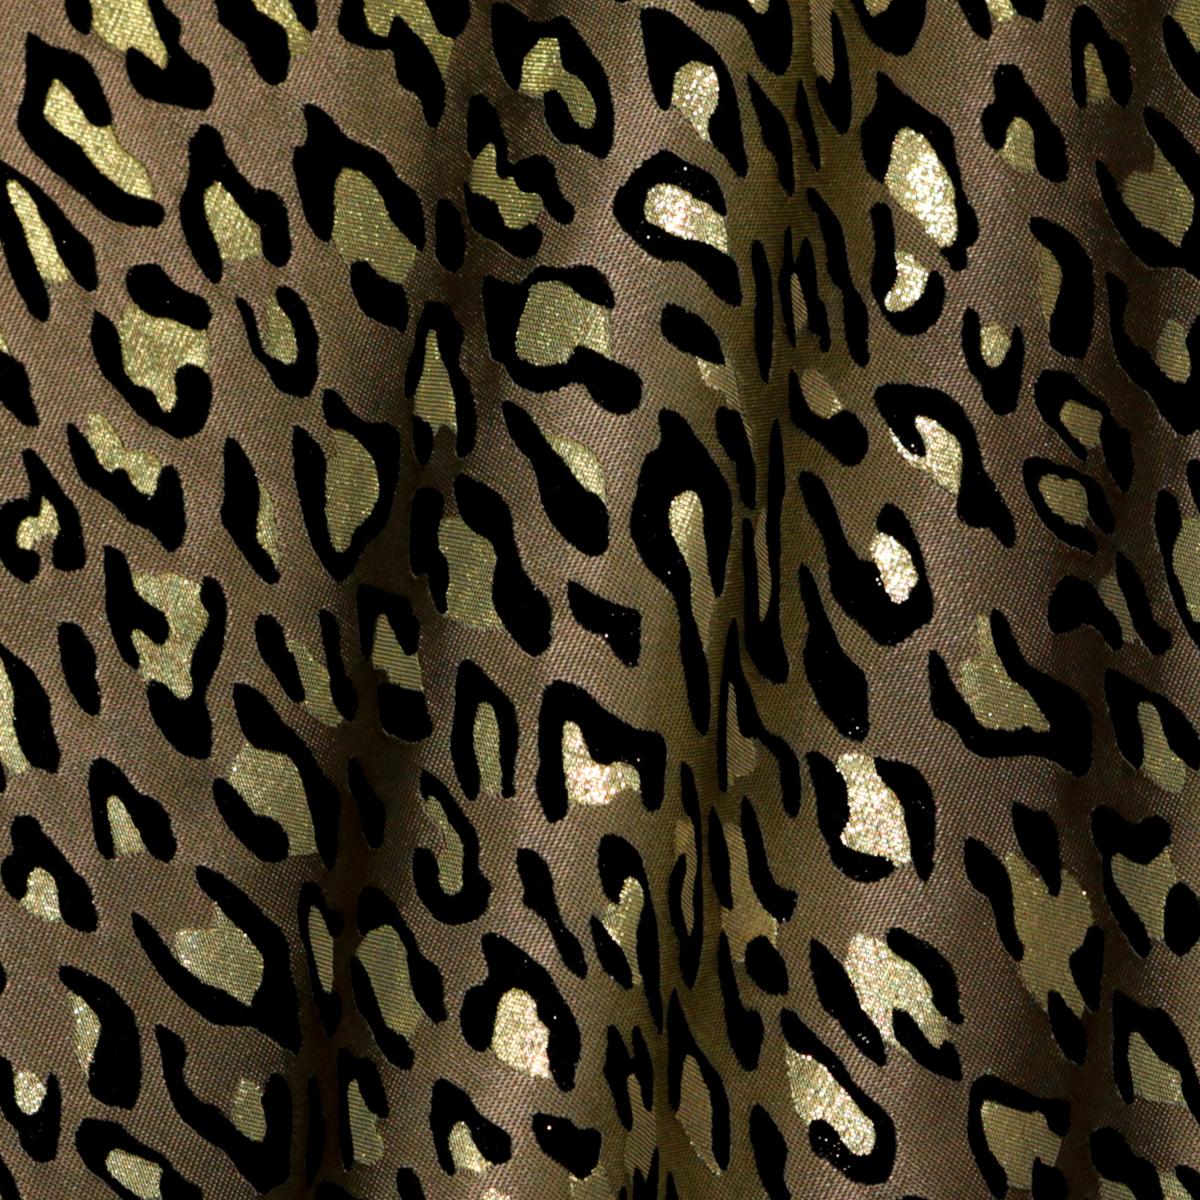 Мерцающий жаккард с леопардовыми пятнами